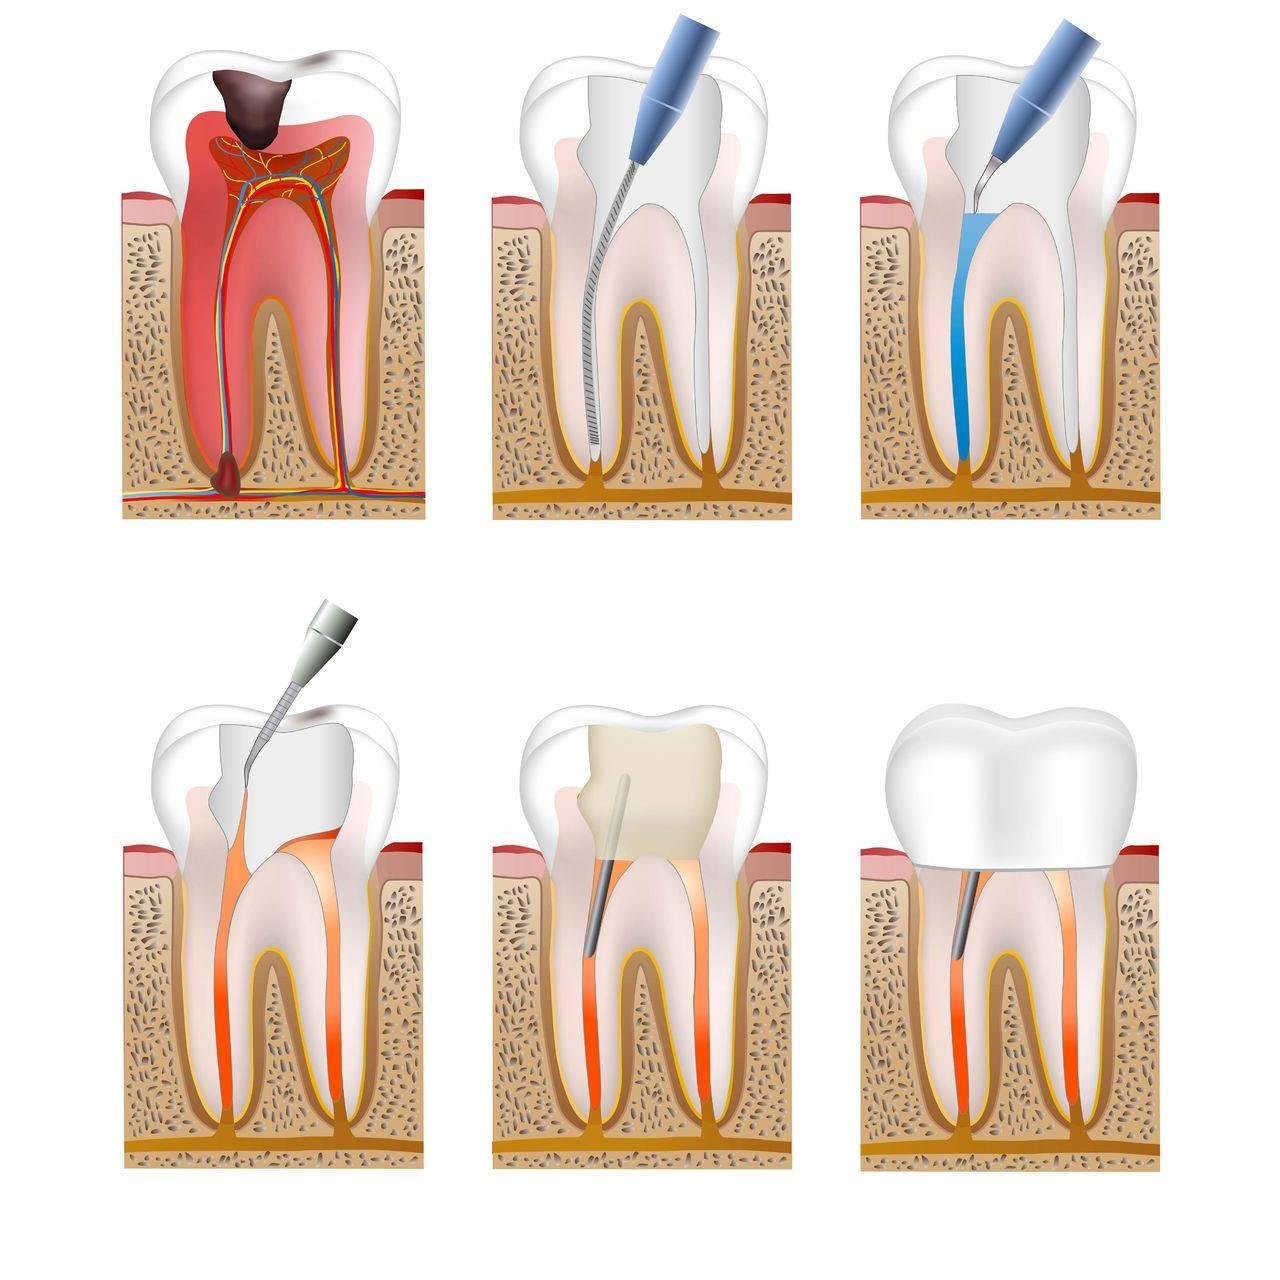 Таблица расположения корней на верхней и нижней челюсти человека: сколько каналов и нервов насчитывается в зубах?